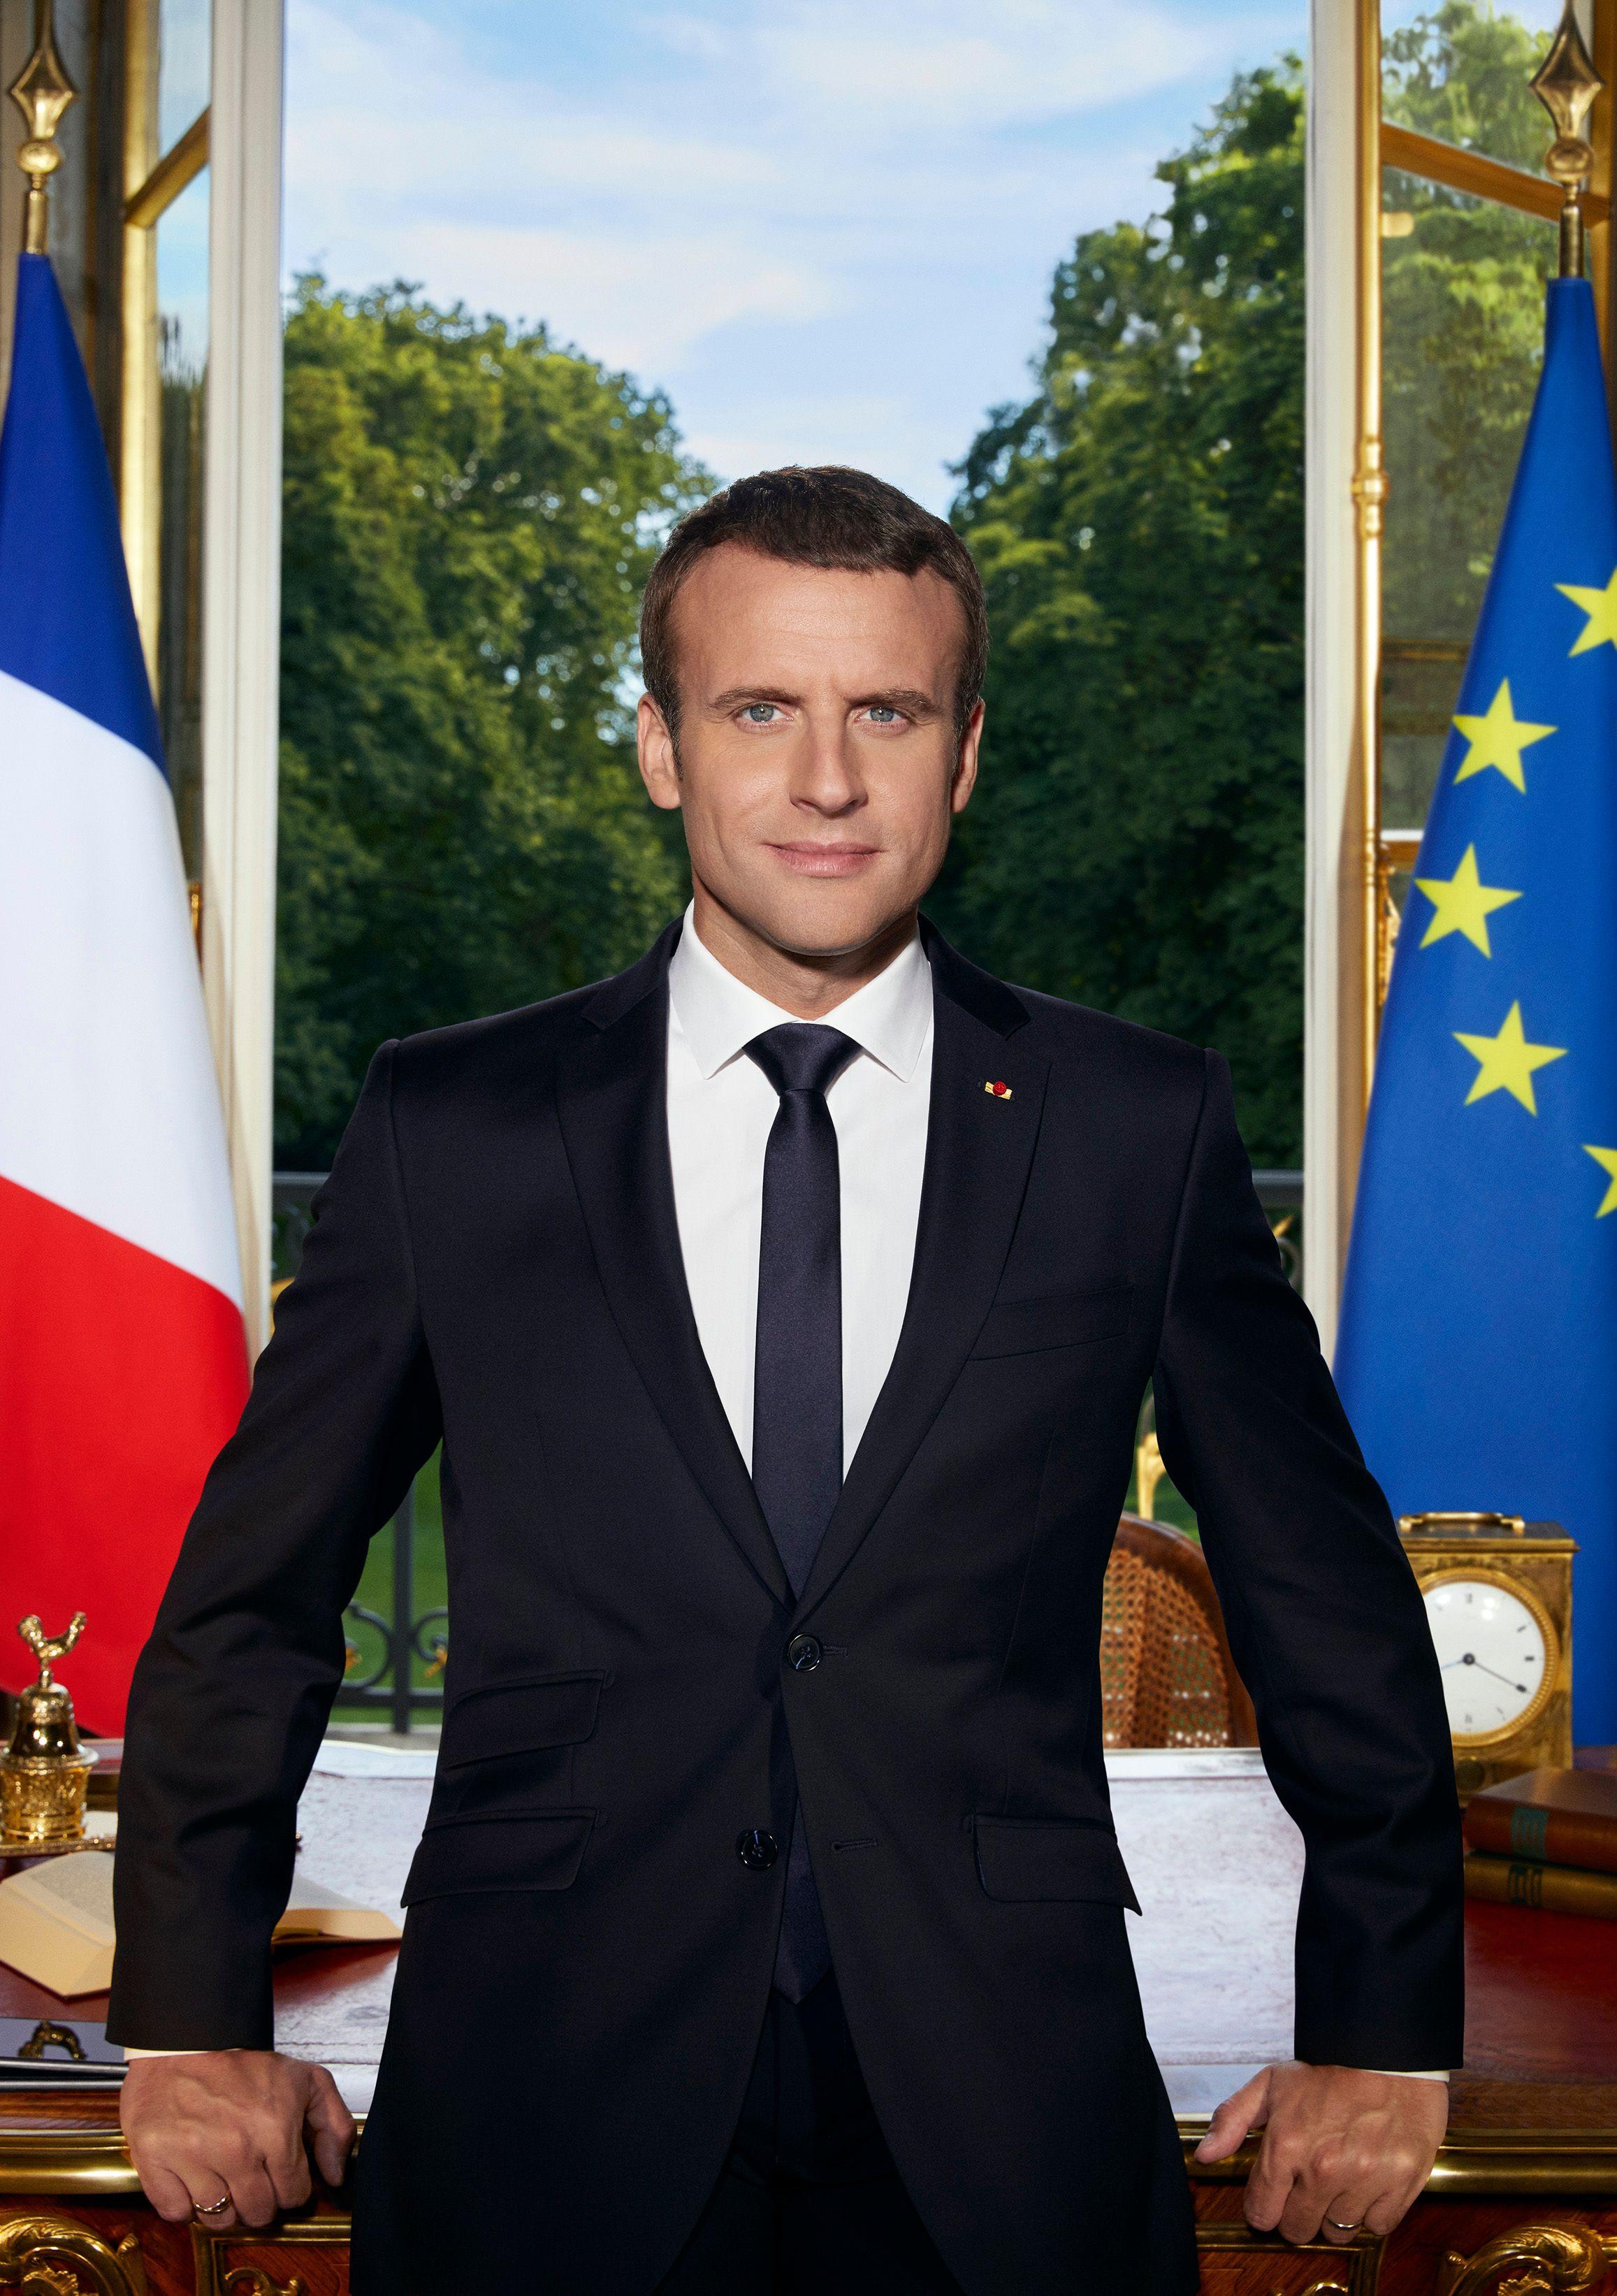 20 ans après : les espoirs et les désillusions de la génération qui était à Sciences Po avec Emmanuel Macron